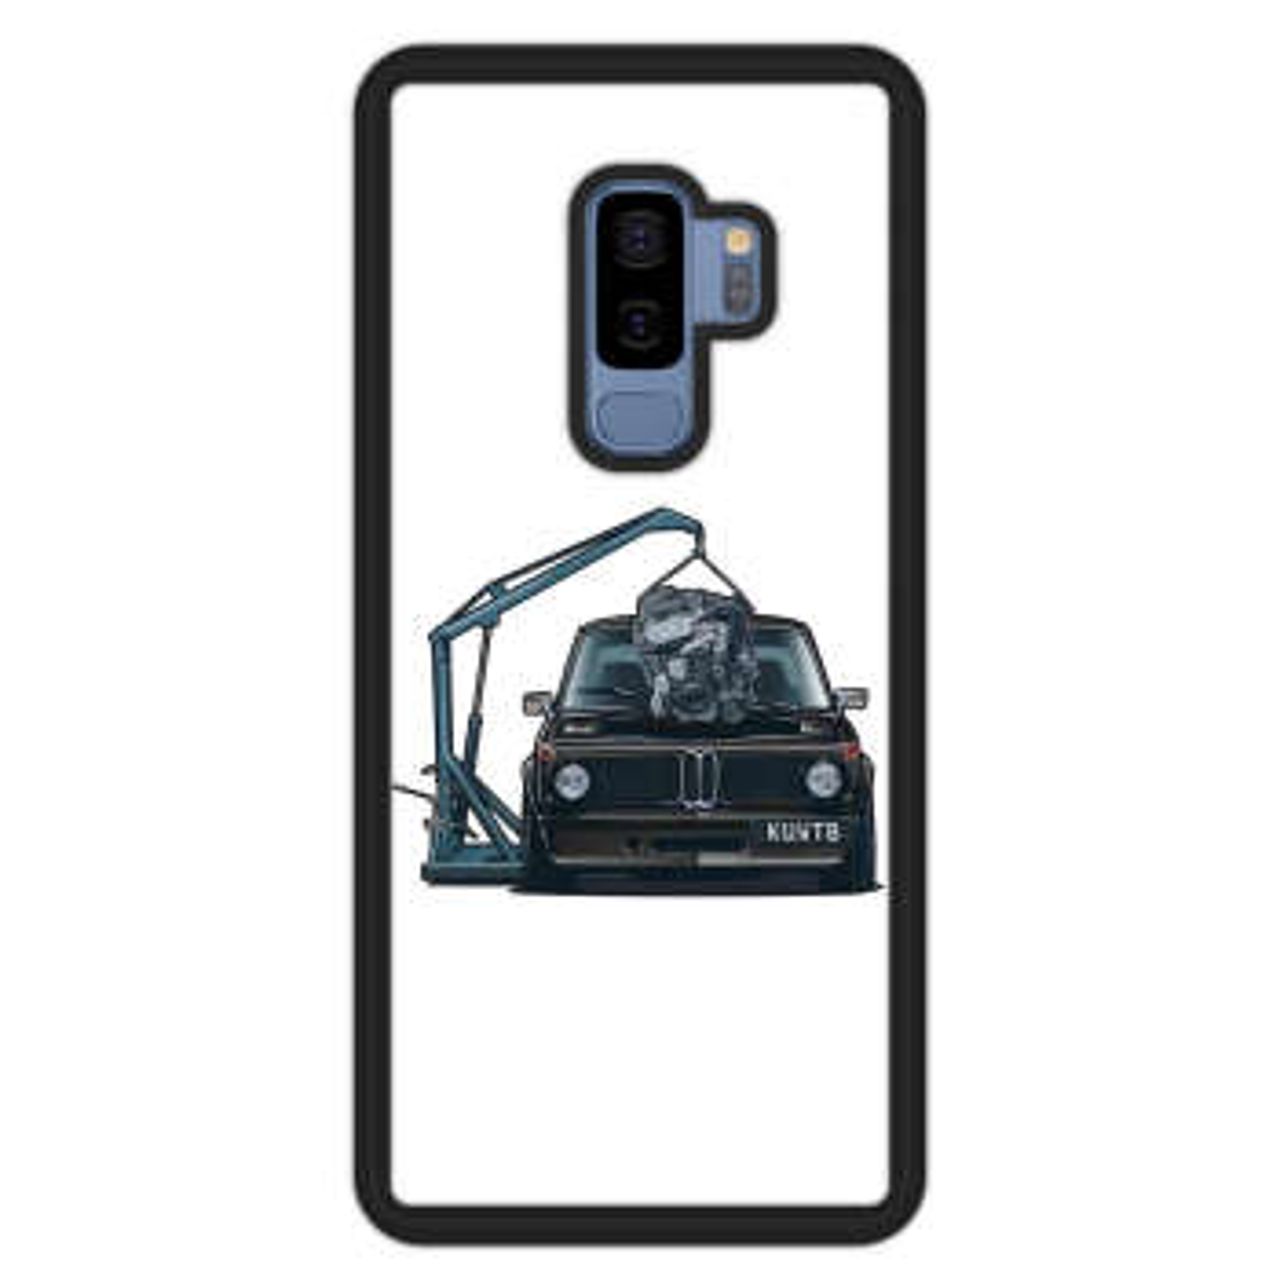 کاور مدل AN80354 مناسب برای گوشی موبایل سامسونگ Galaxy Note 8